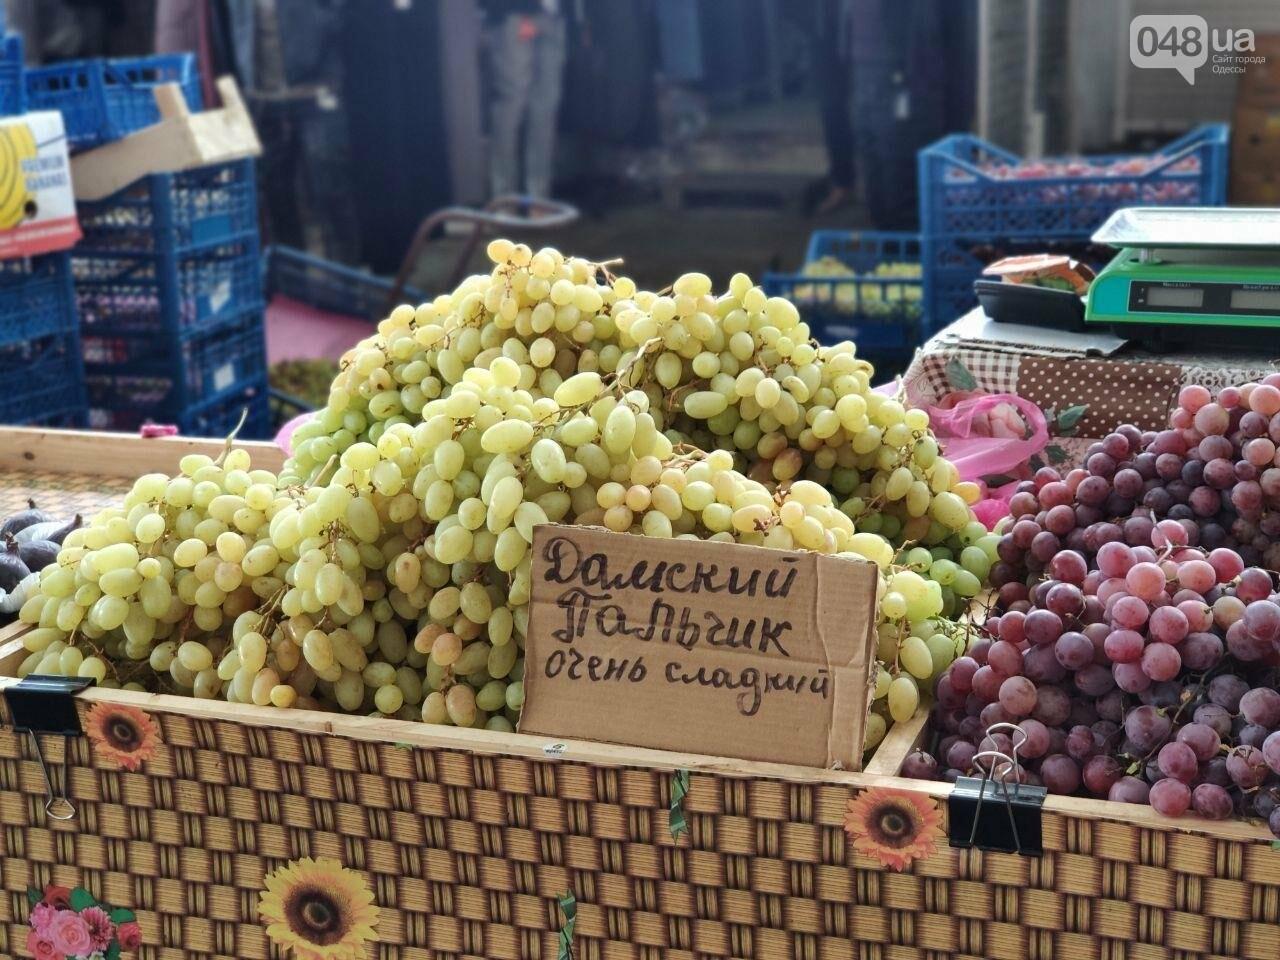 Почем в Одессе фрукты и овощи: актуальные цены Привоза в этот четверг, - ФОТО, фото-6